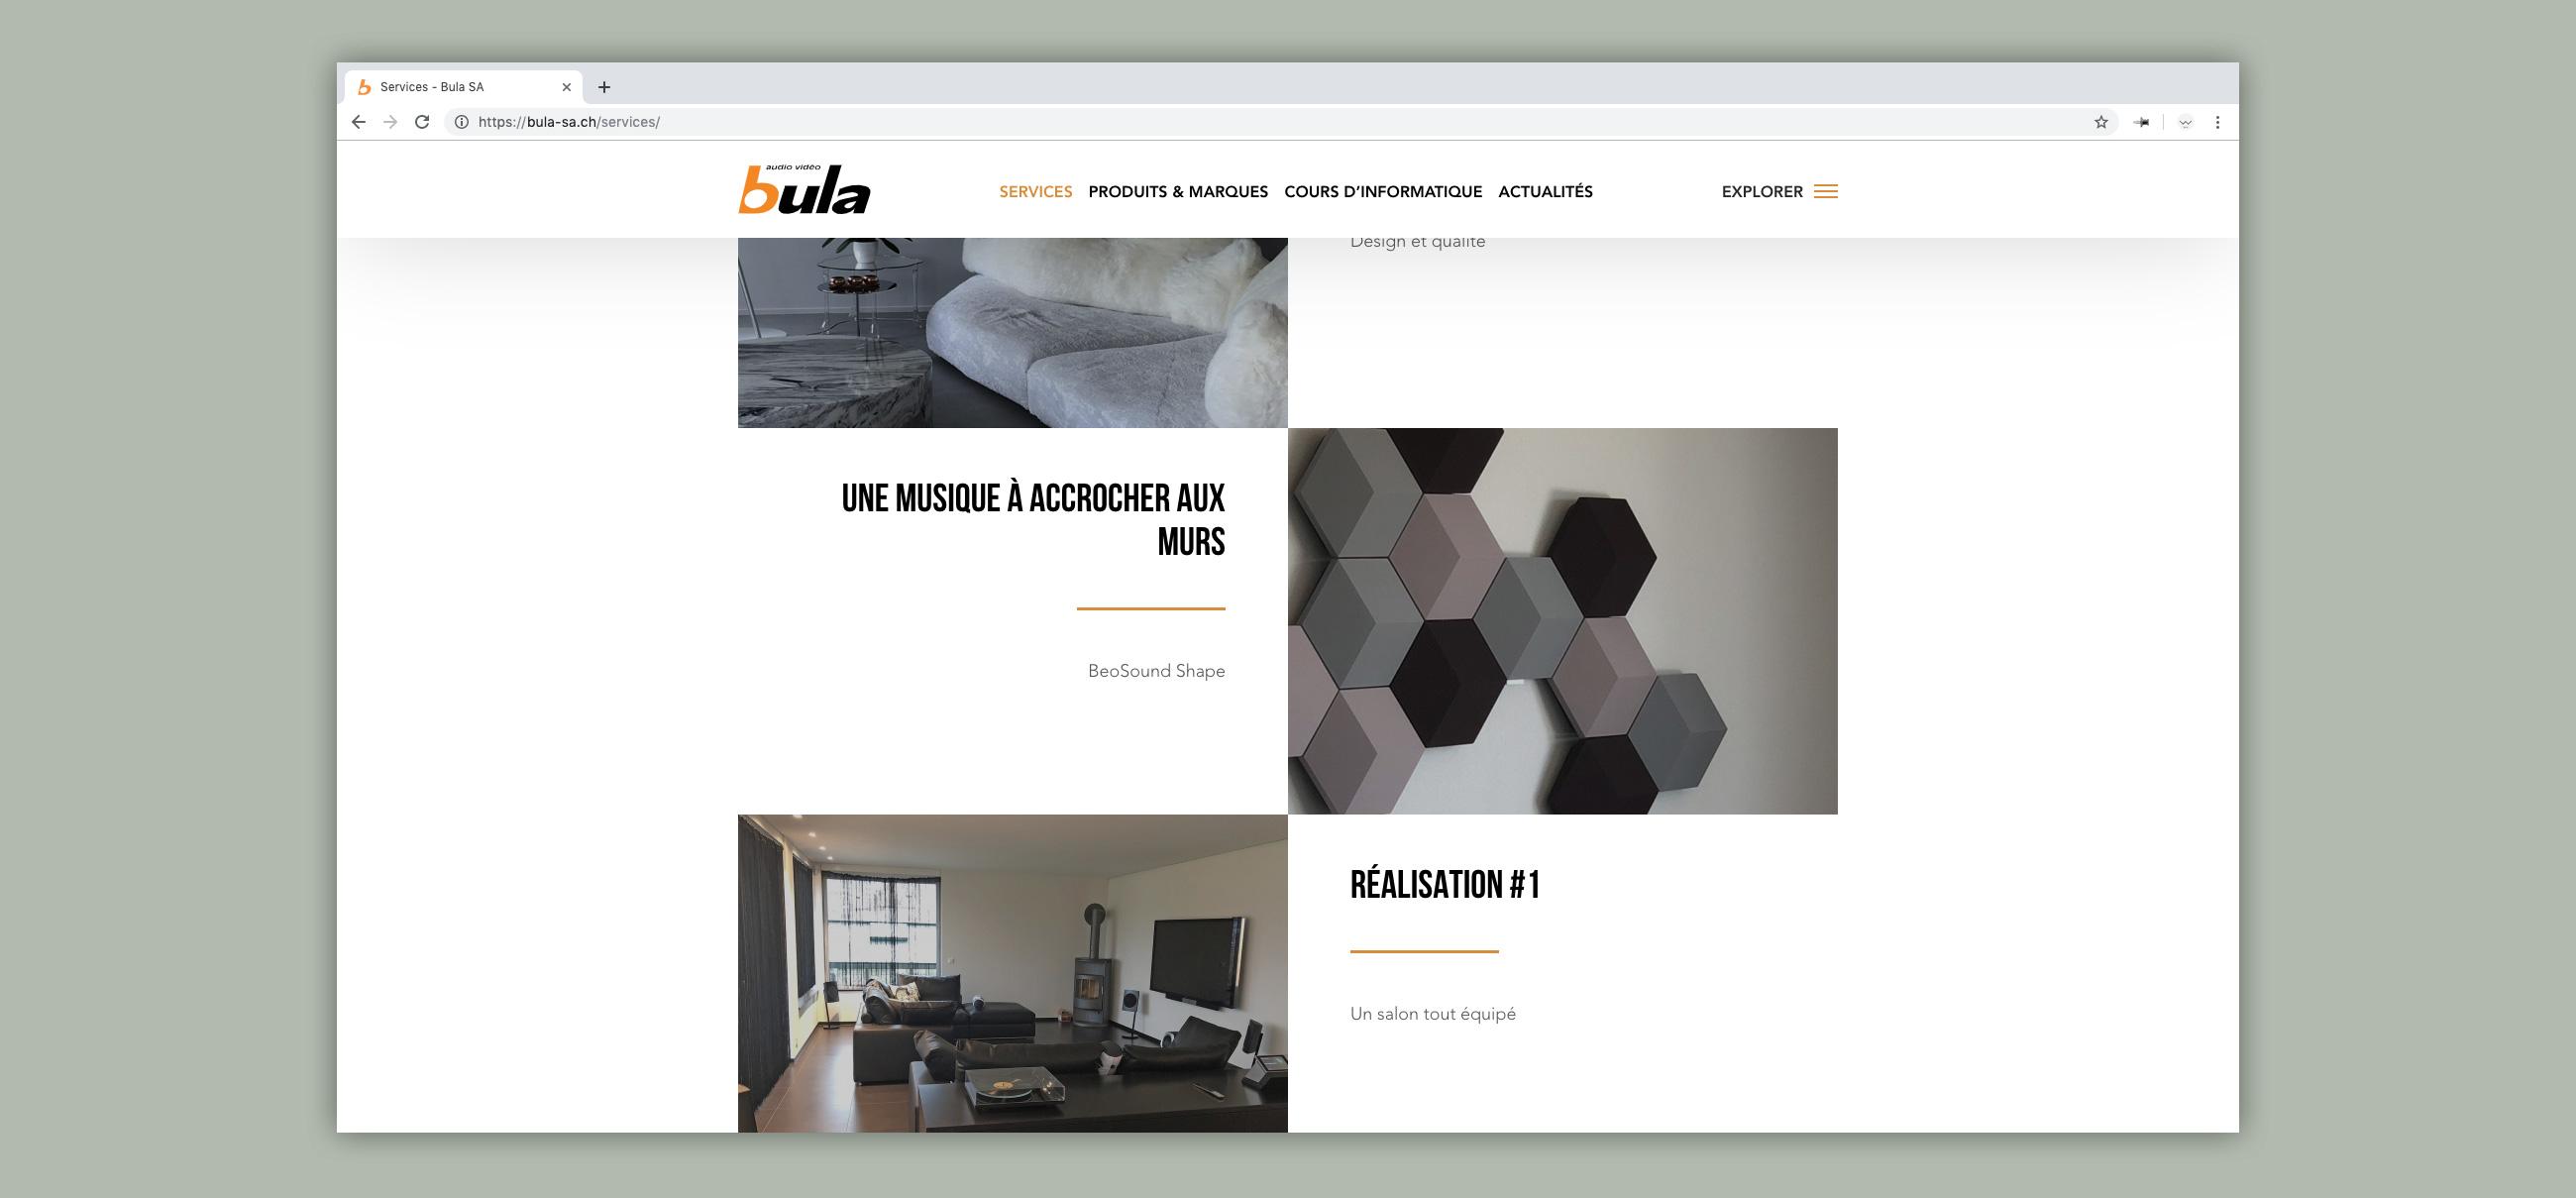 Site web bula - page services